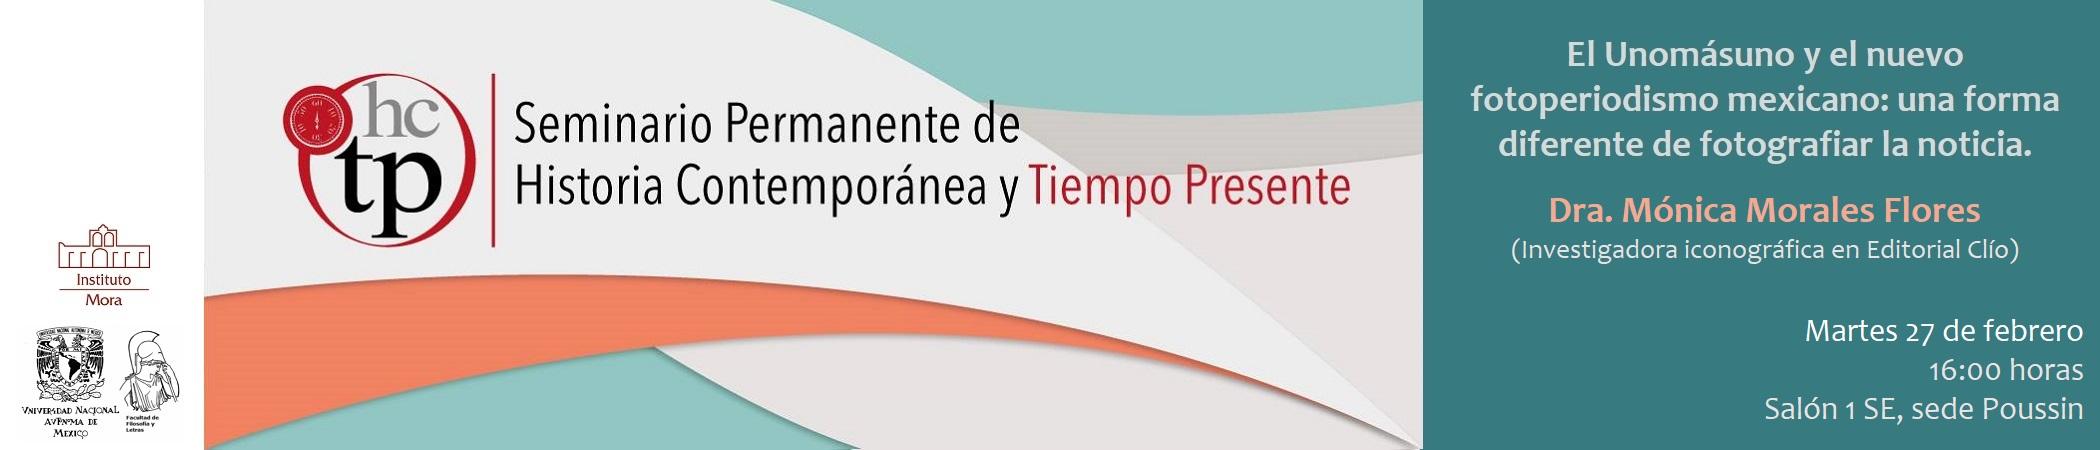 Seminario Permanente de Historia Contemporánea y del Tiempo Presente